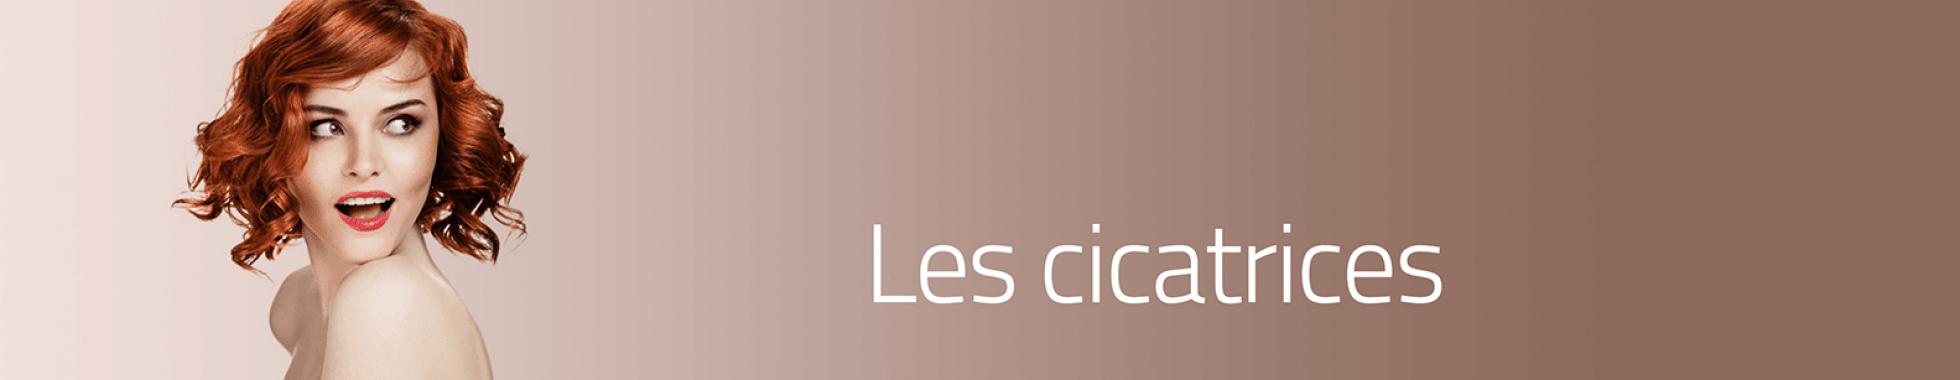 Traitements des cicatrices du visage à Aix-en-Provence